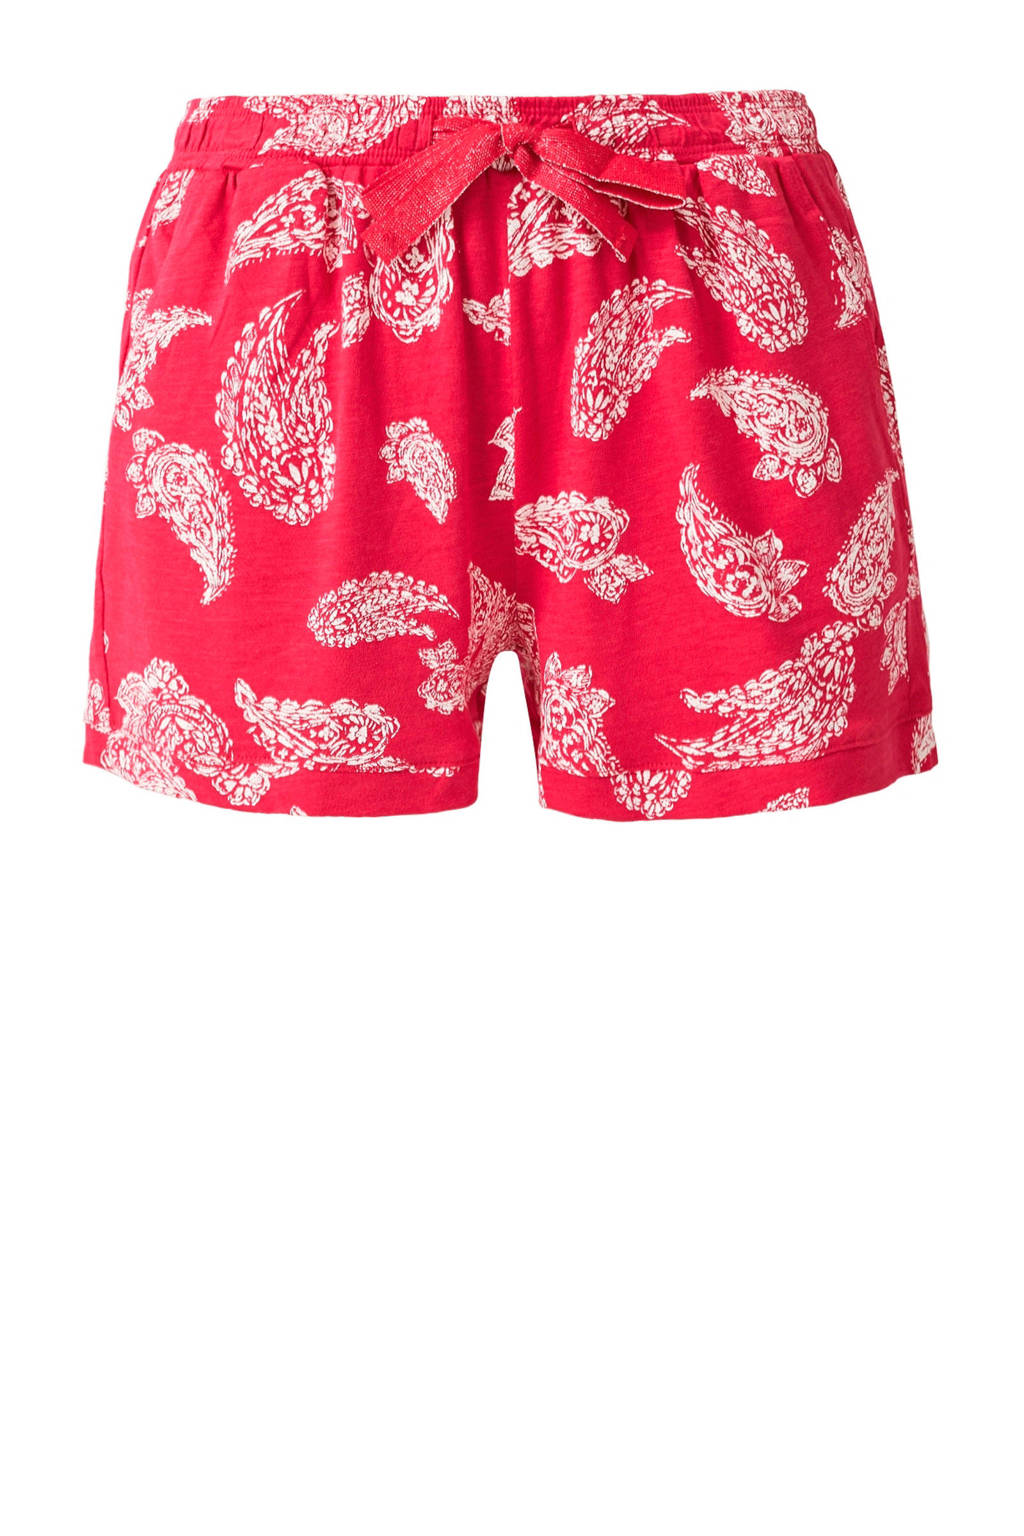 s.Oliver regular fit short met paisleyprint roze/wit, Roze/wit